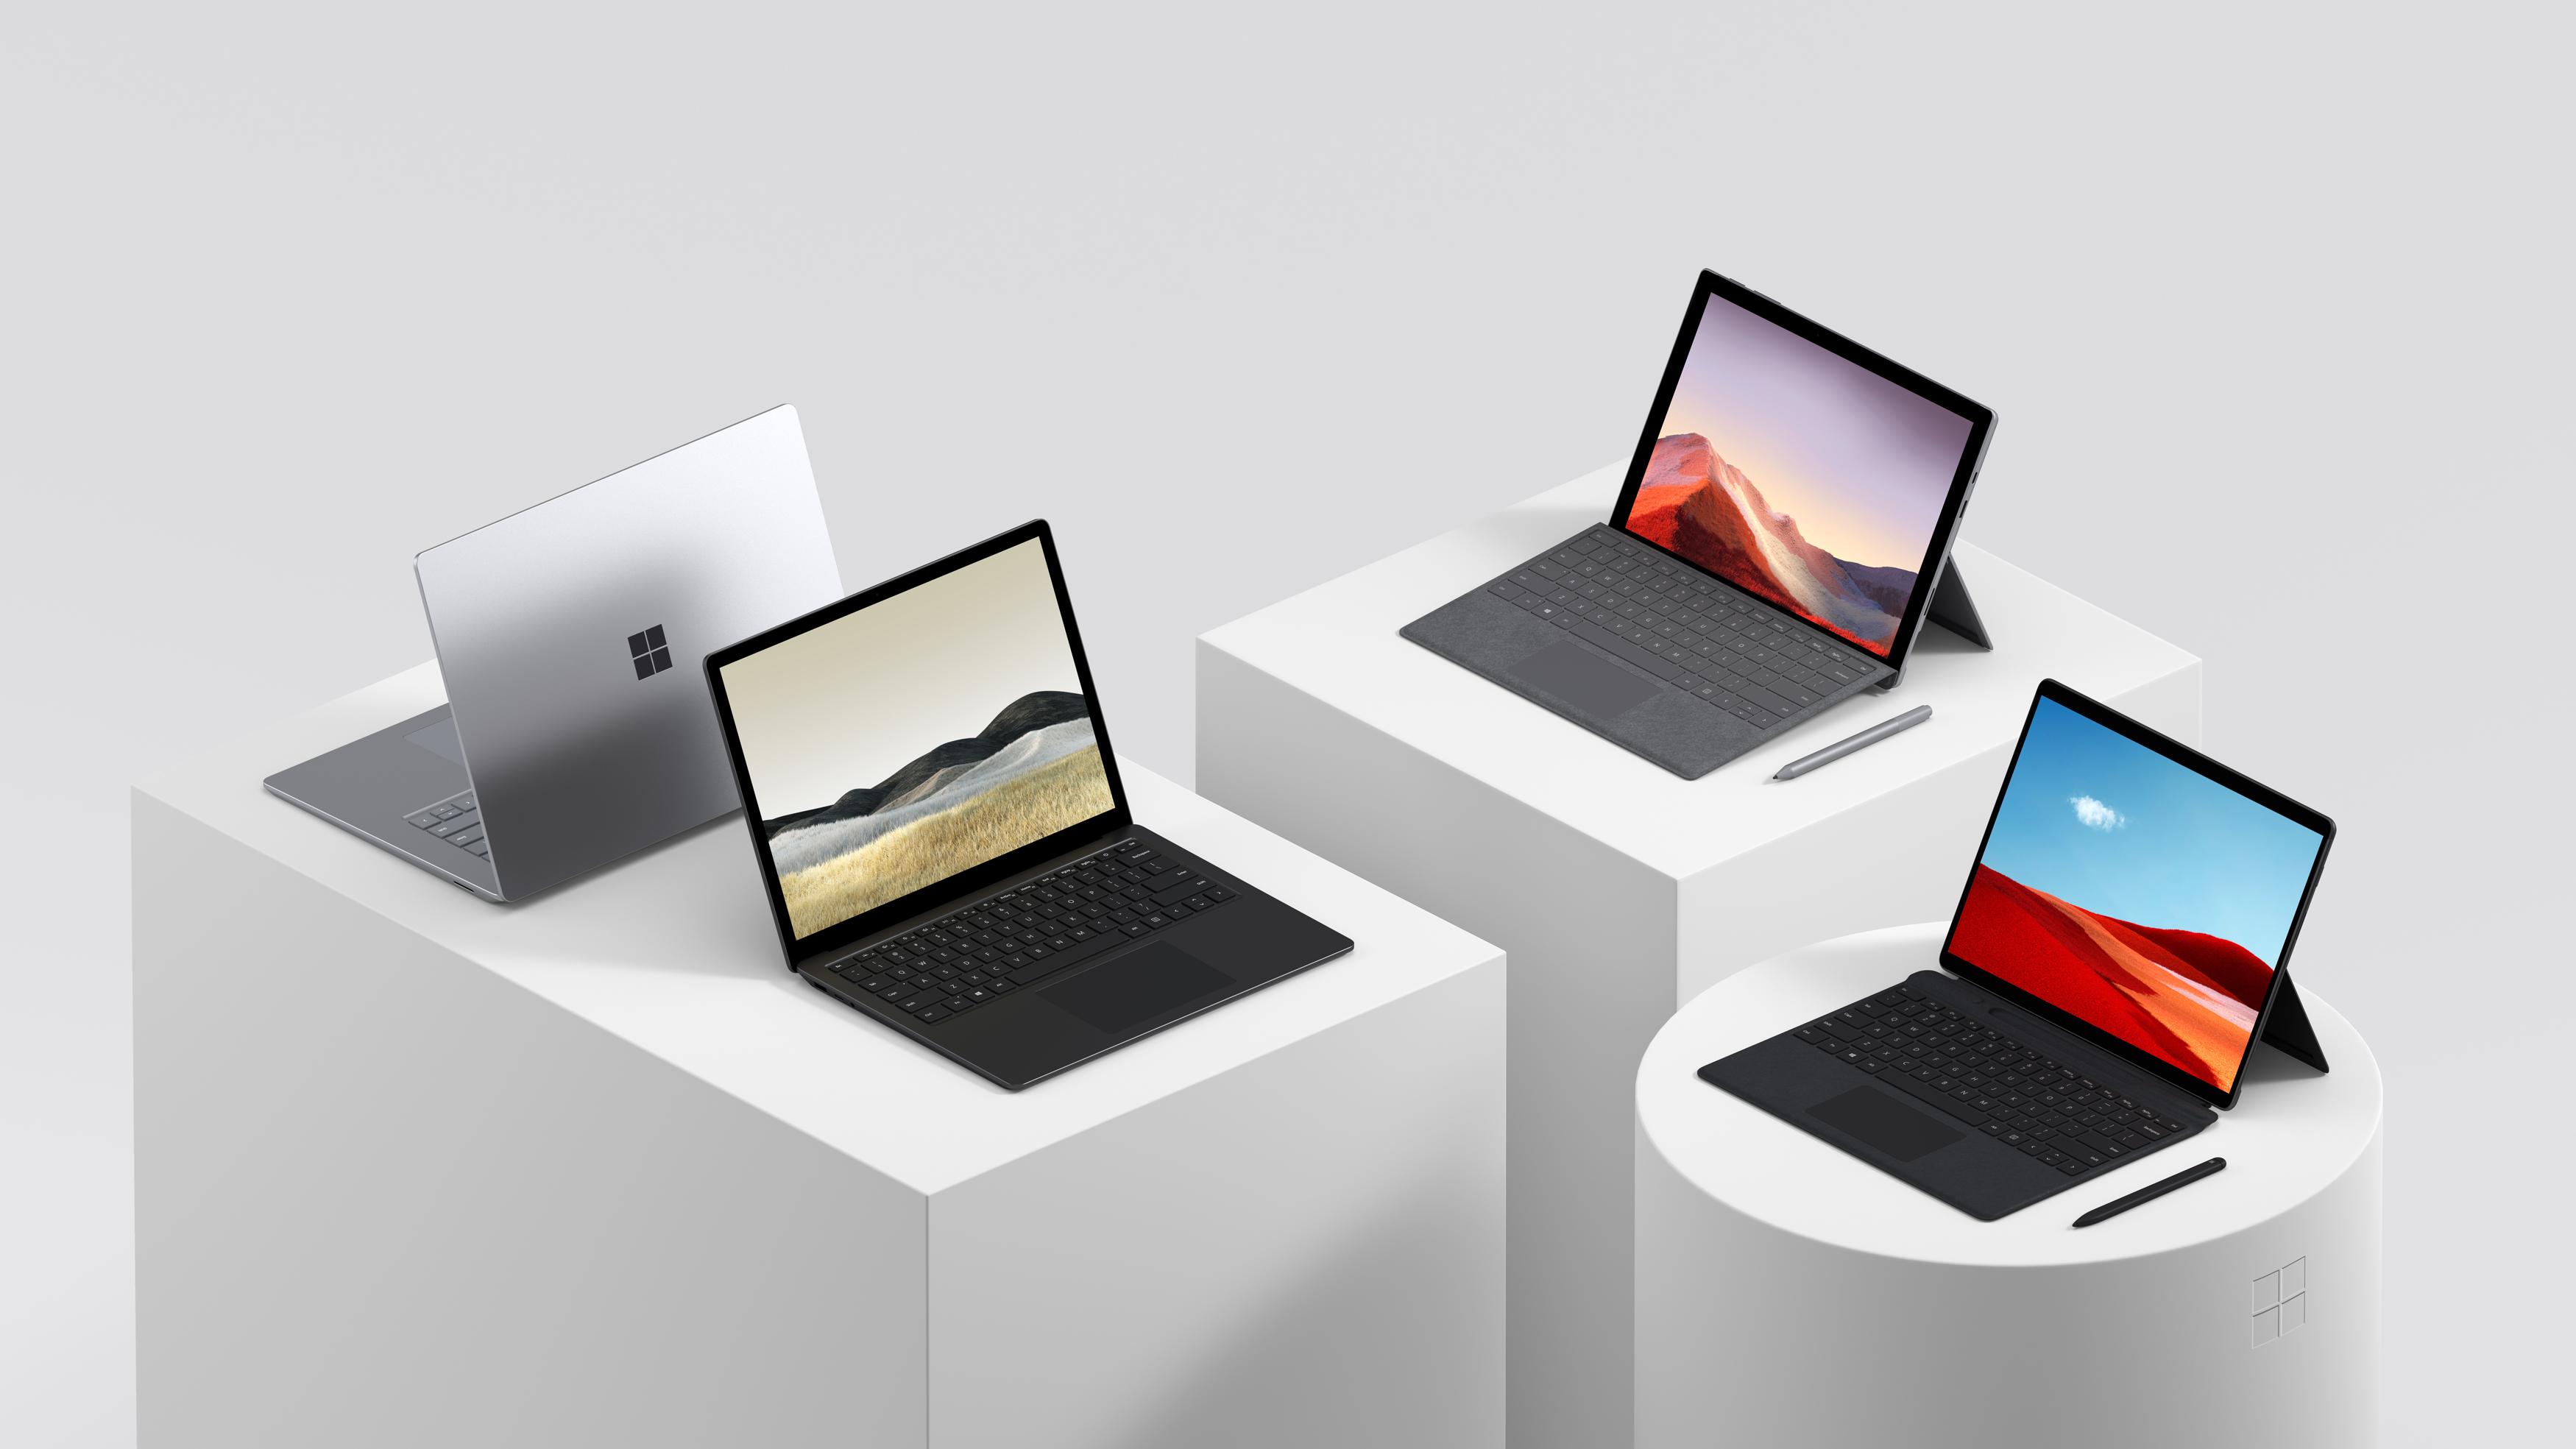 Quelle Microsoft Surface choisir en fonction de ses besoins ? Nos conseils